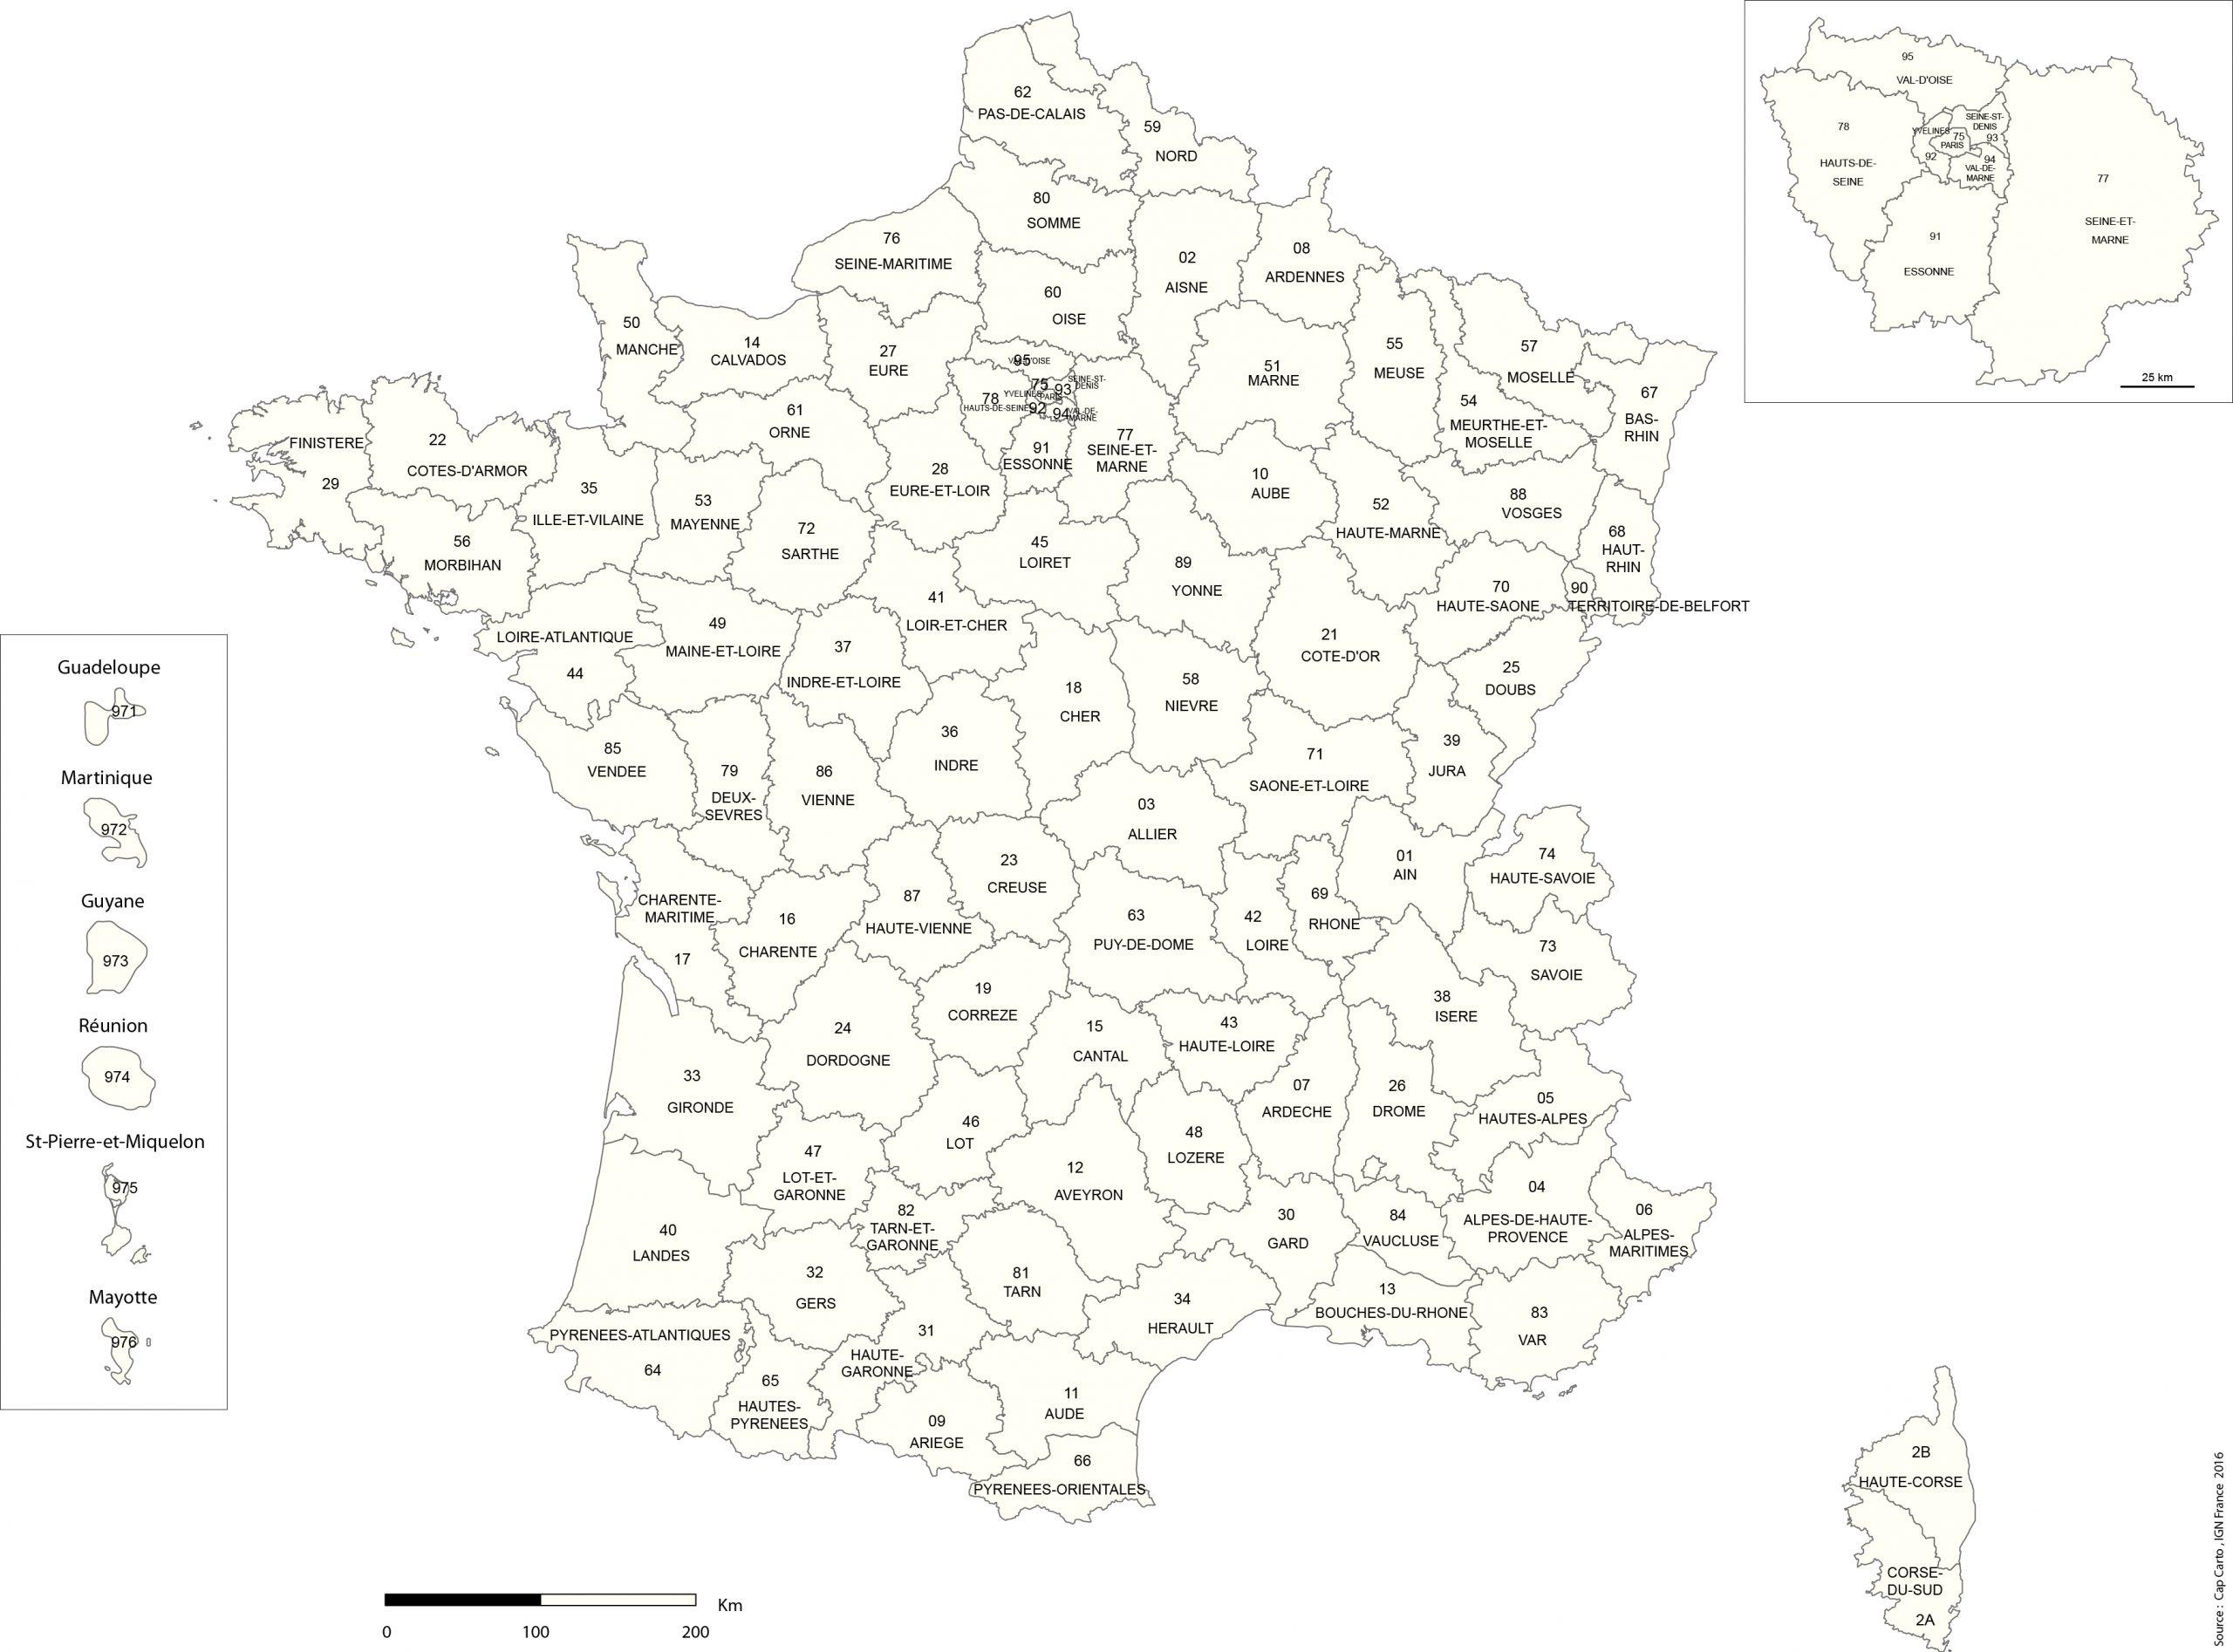 France-Departement-Numero-Noms-Reg-Echelle-Vierge - Cap Carto concernant Image Carte De France Avec Departement